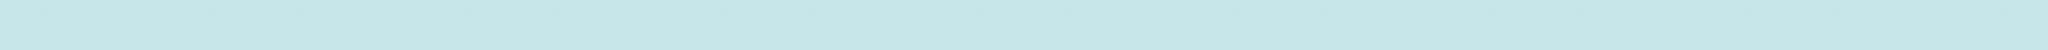 nacci blue